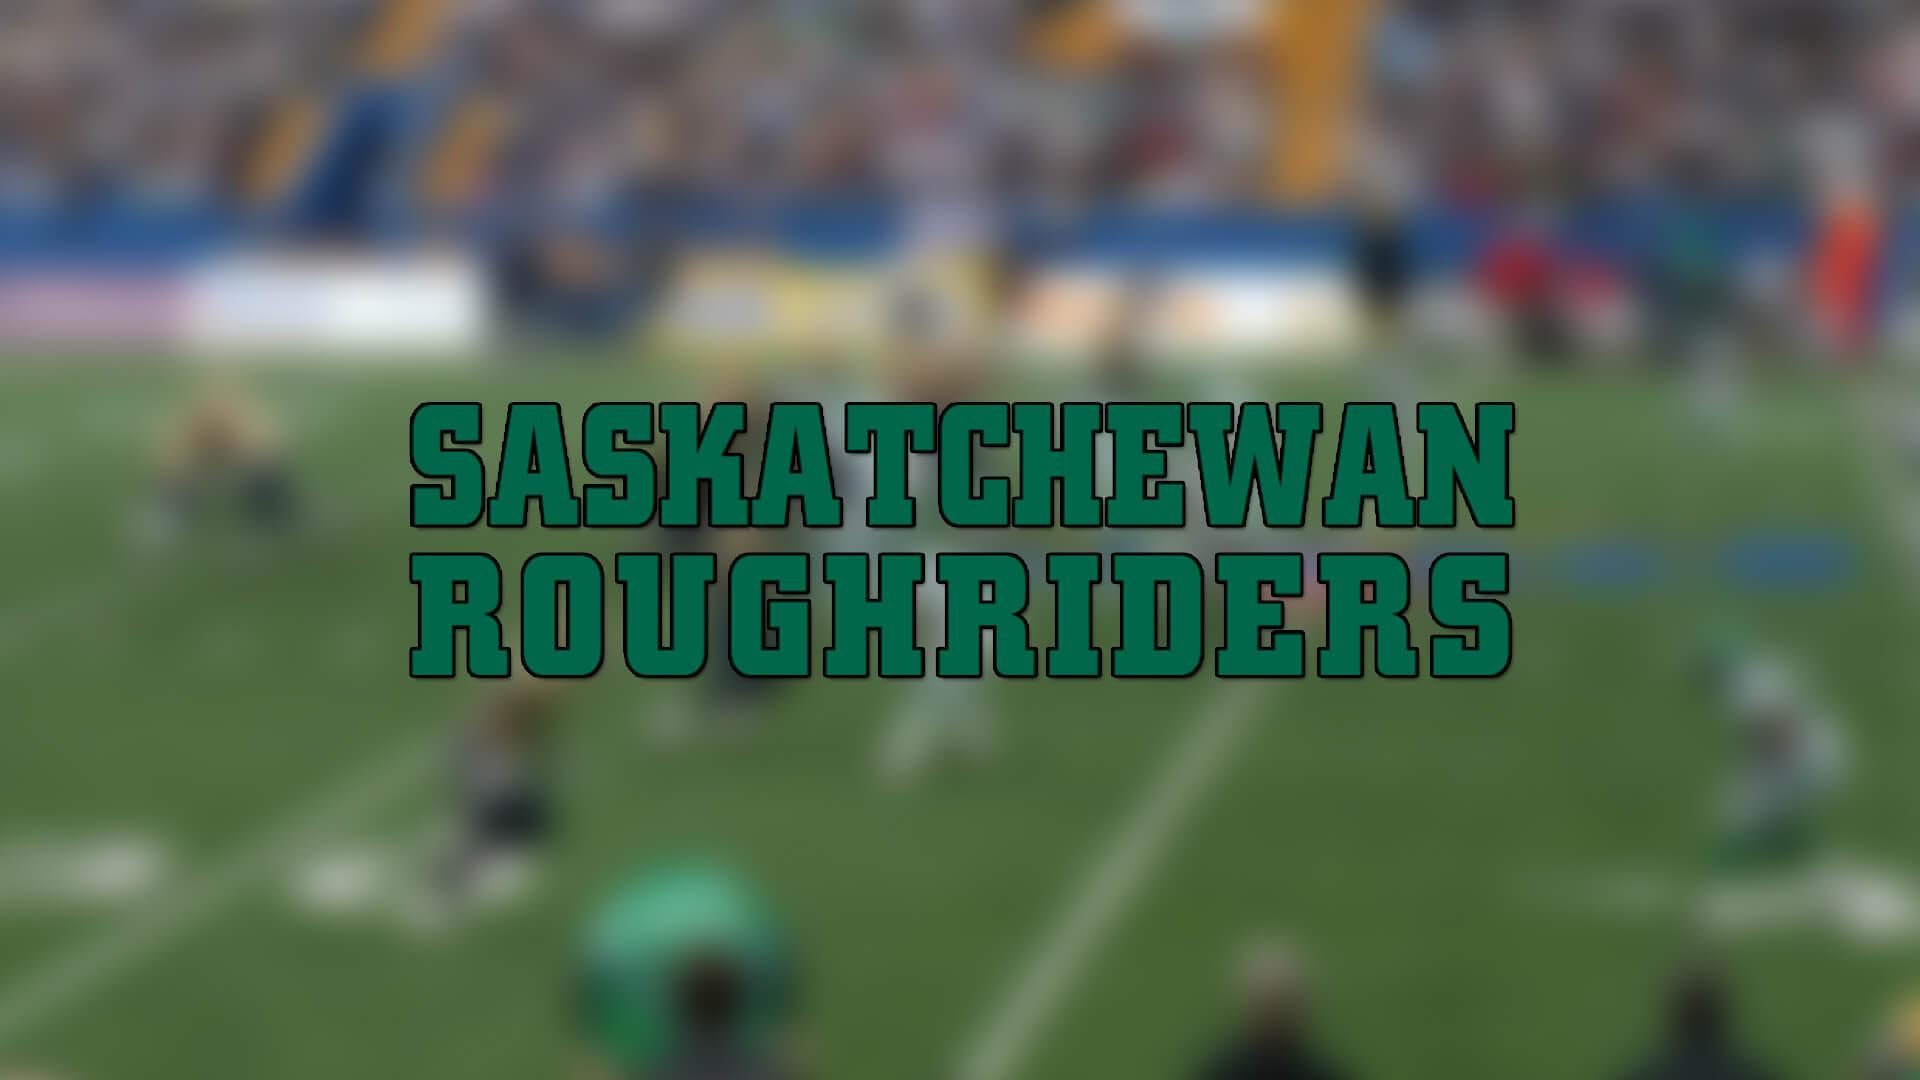 Saskatchewan Roughriders, 2 Oyuncuyla daha Kontratı Uzattı | Korumalı Futbol Türkiye